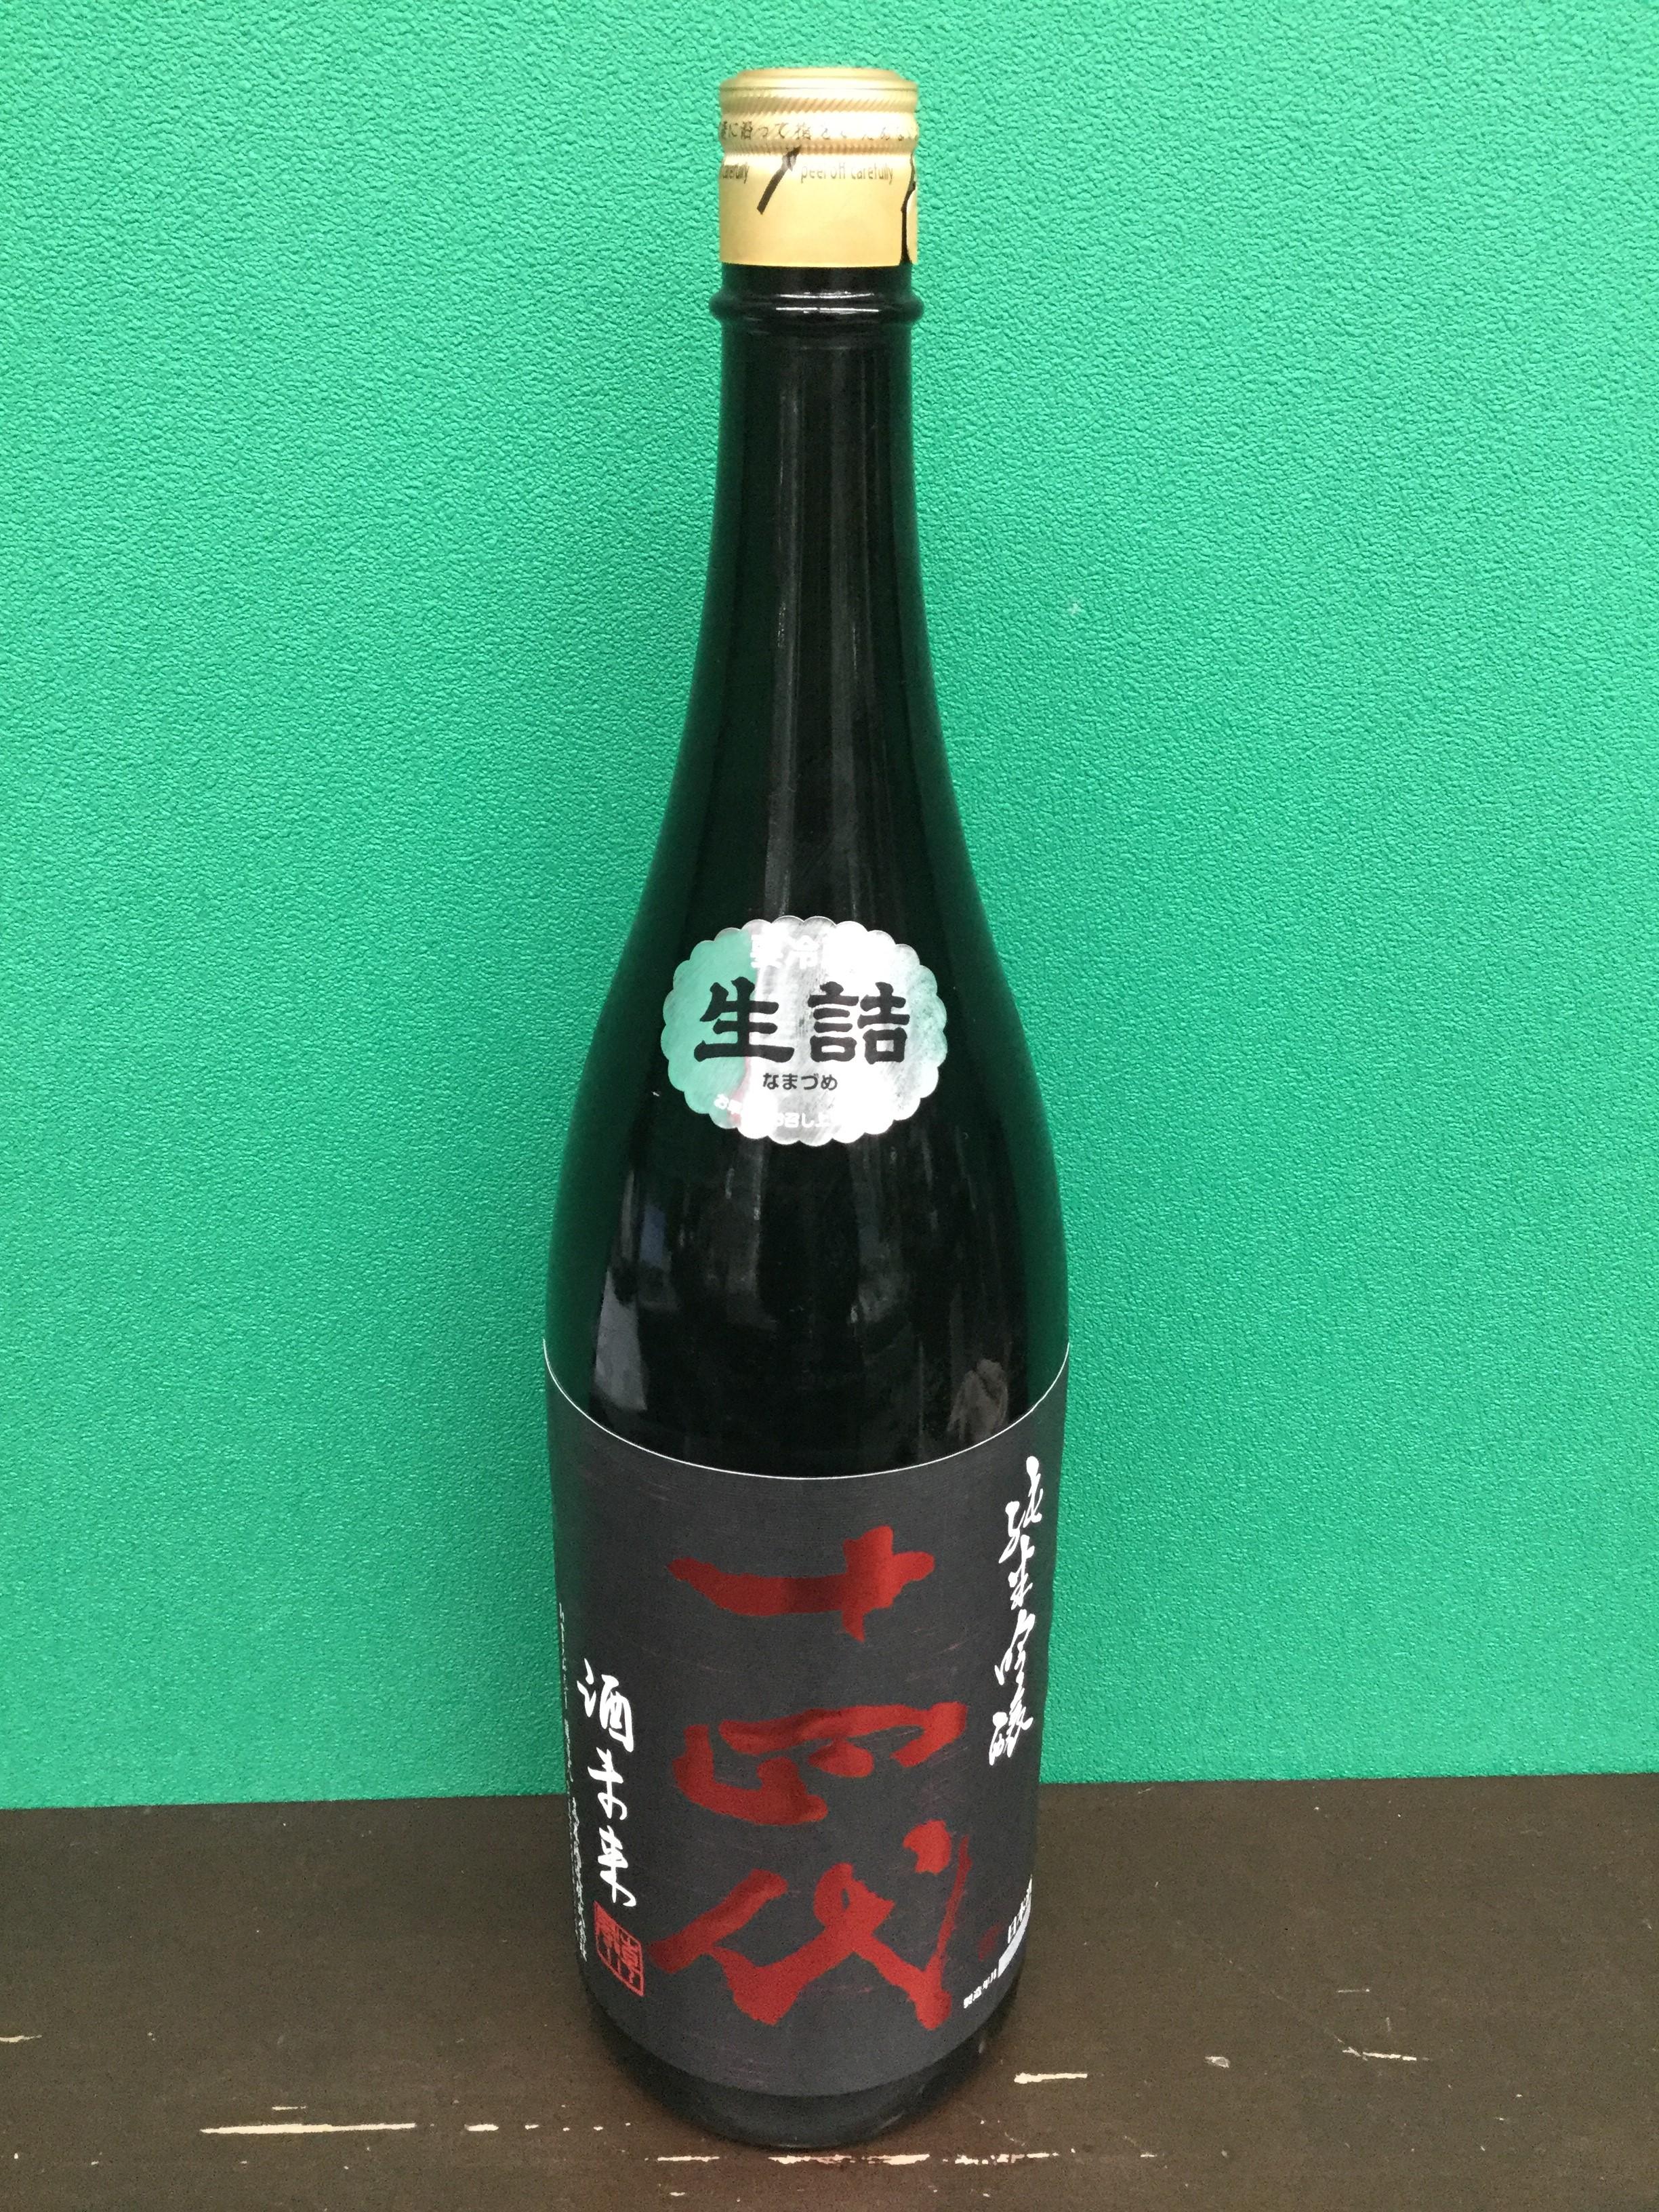 2021年10月22日 十四代 純米吟醸 酒未来 1800ml